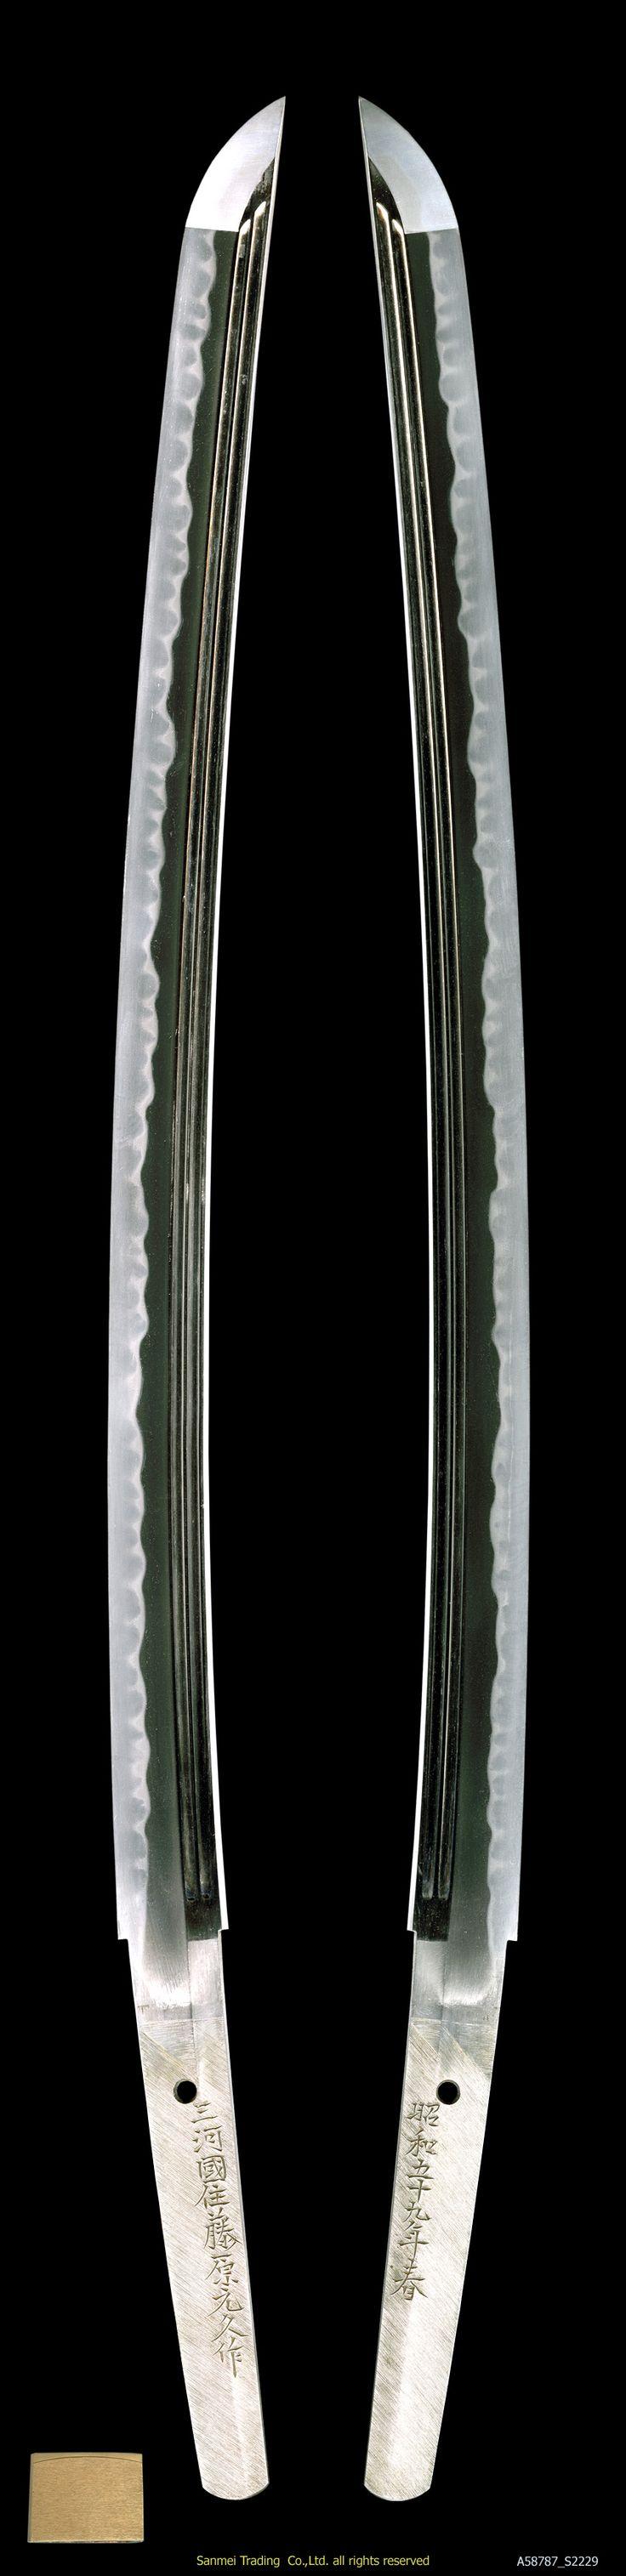 A58787_S2229